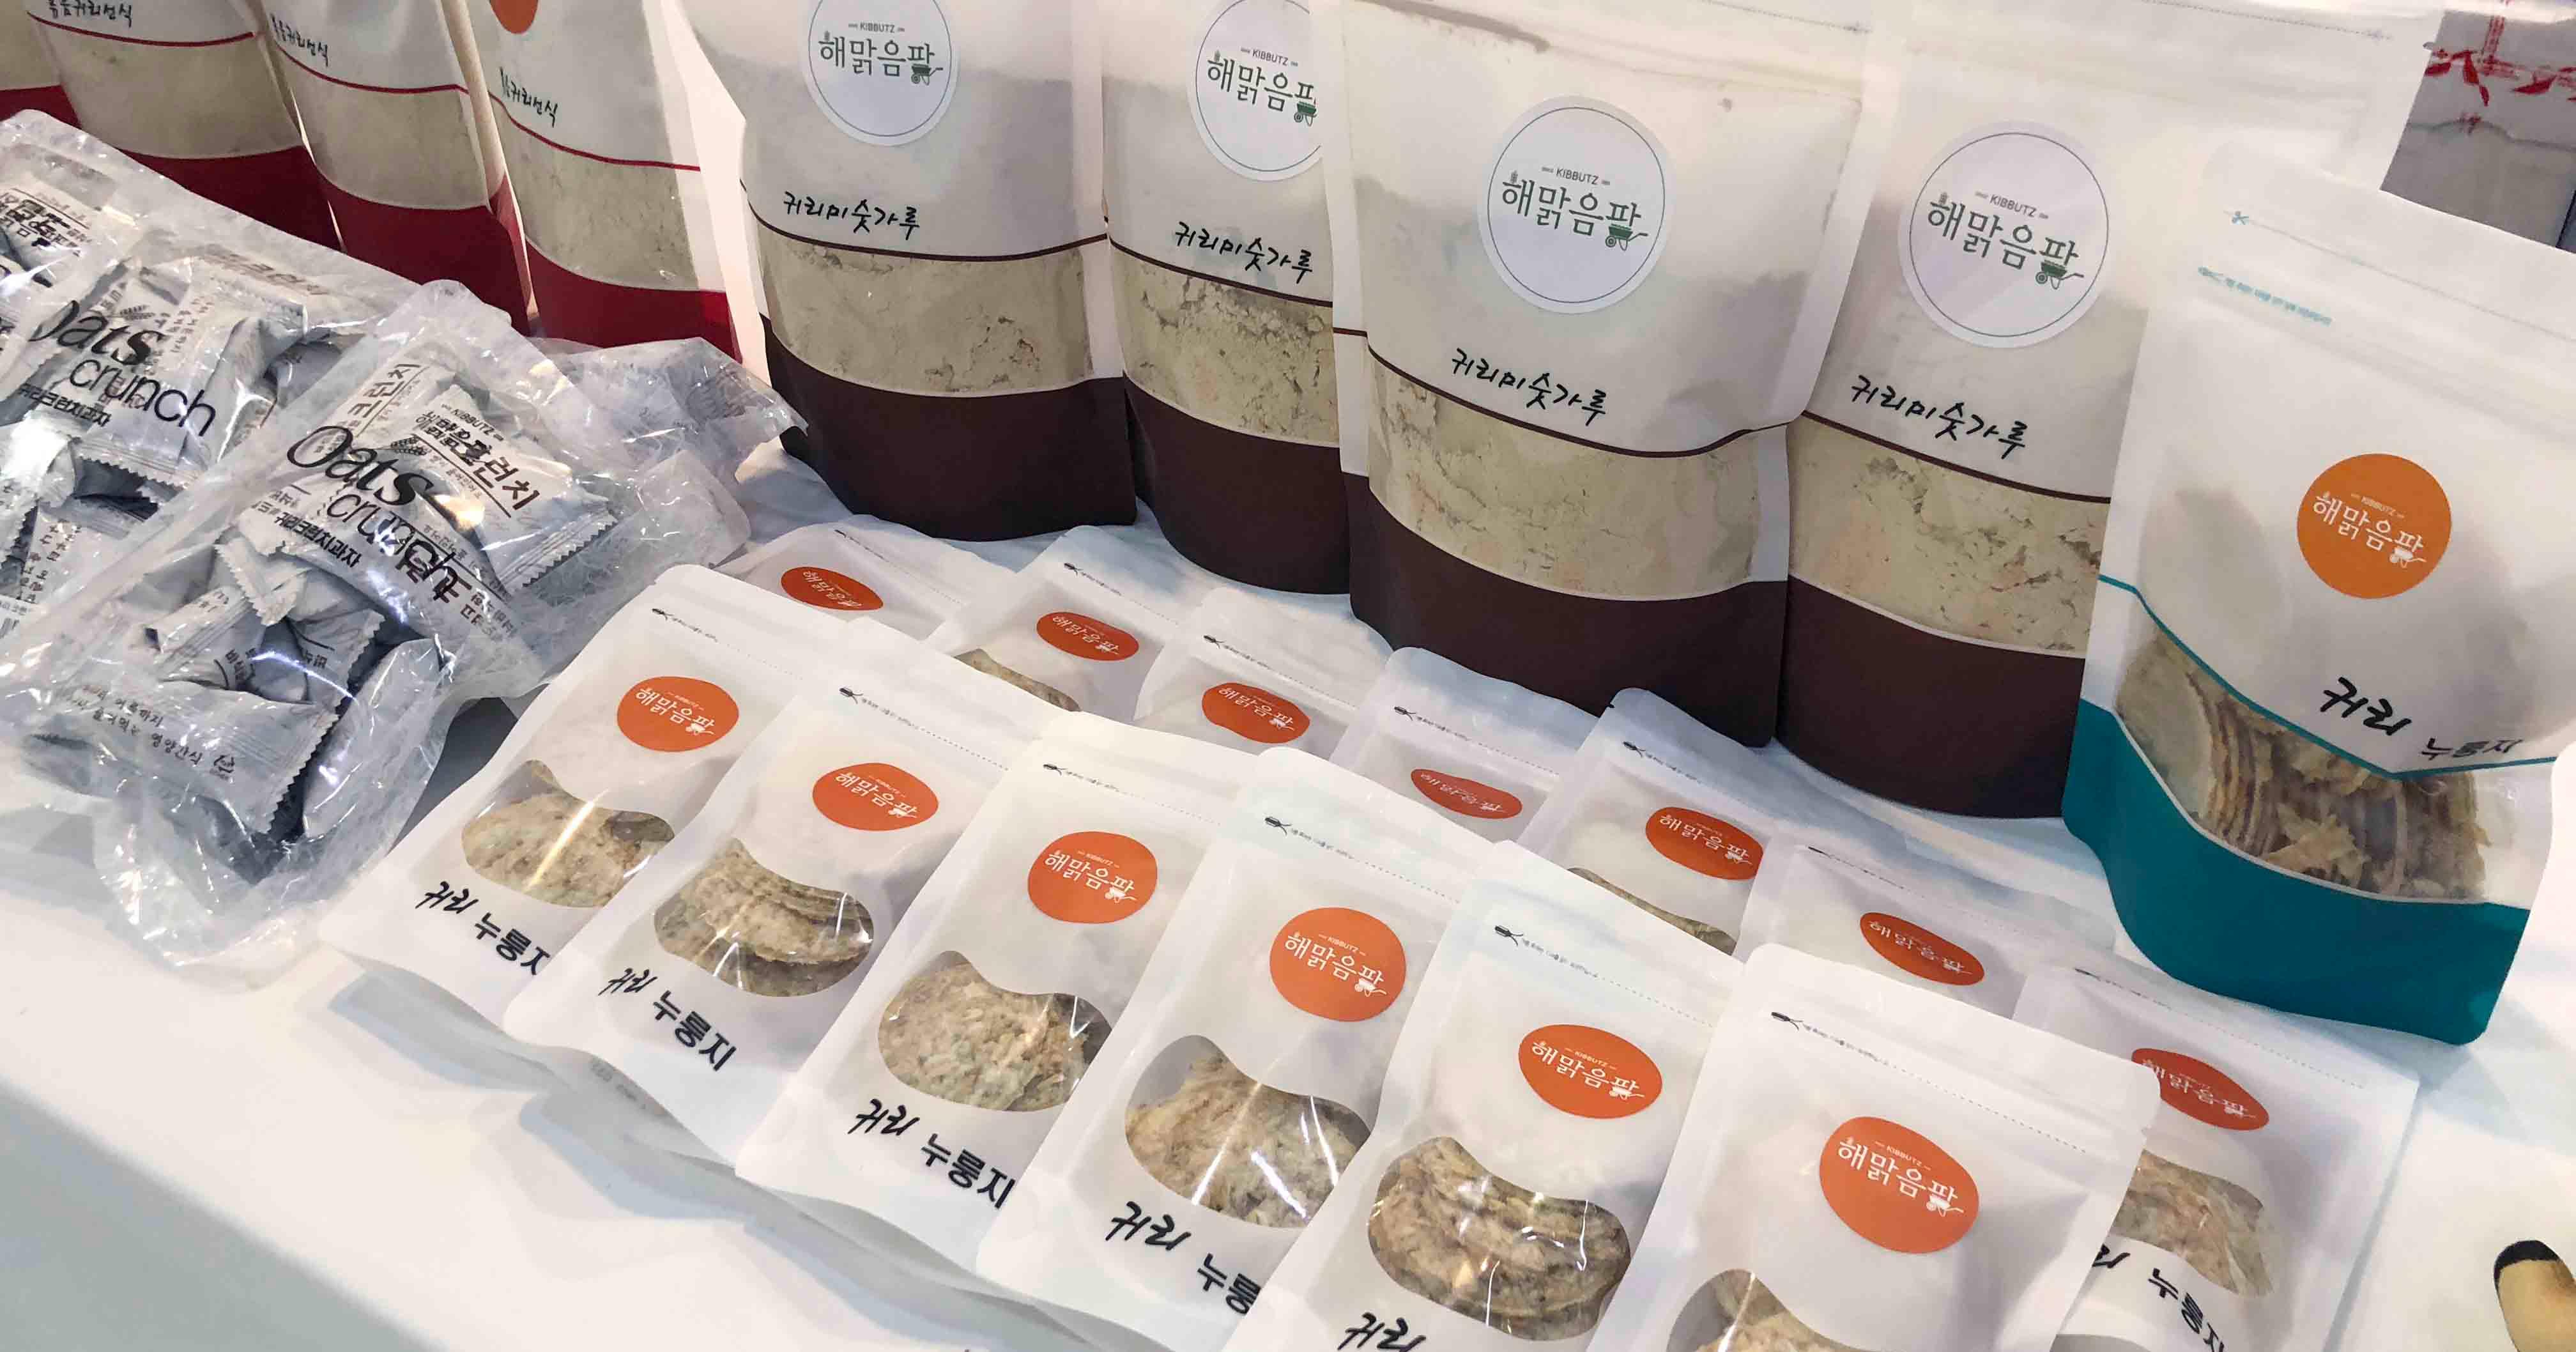 간편식의 끝판왕'2018 서울 HMR 쿠킹&푸드페어'